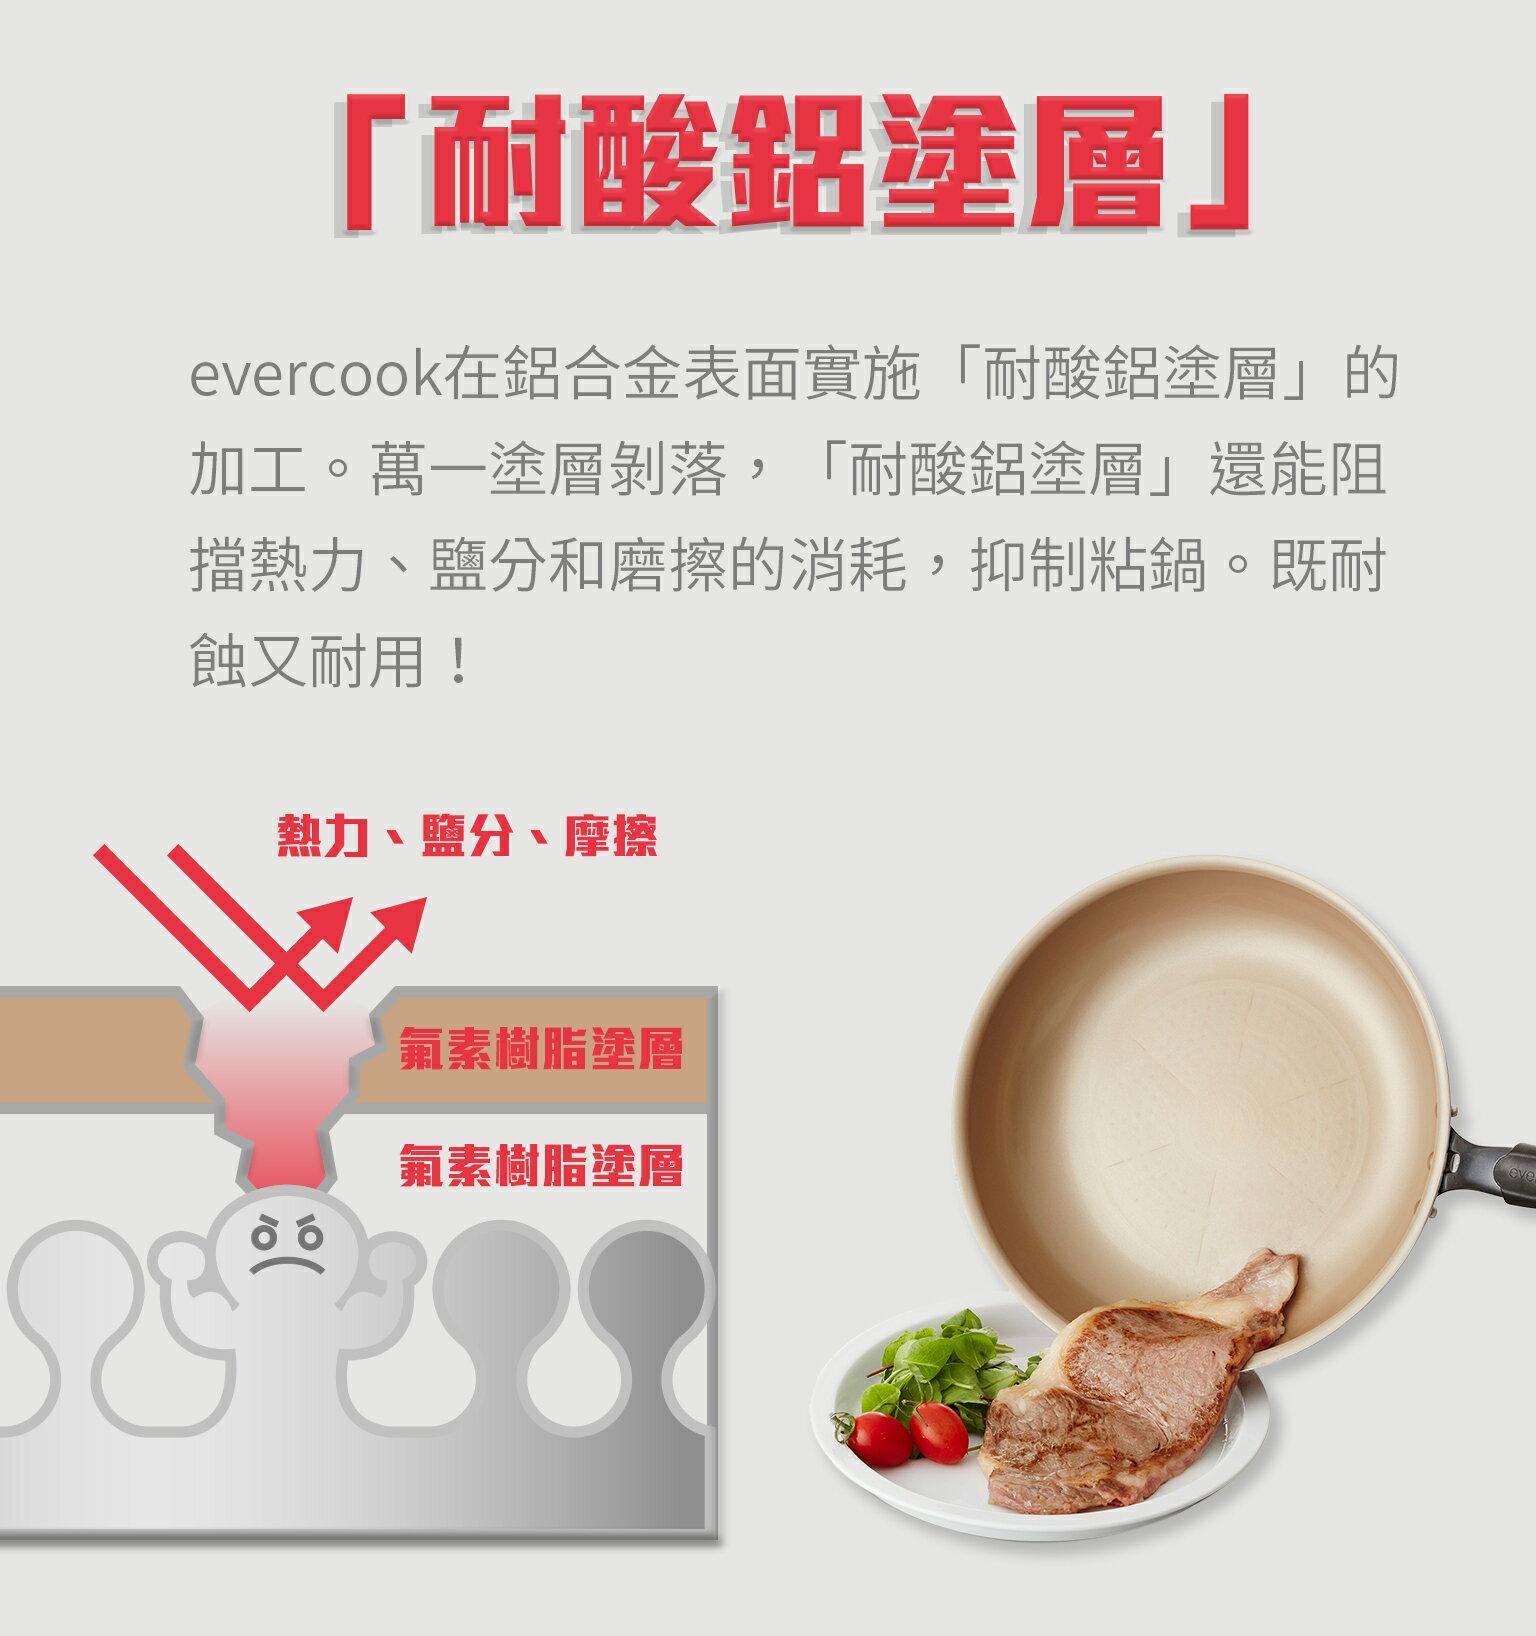 【日本Doshisha evercook】三件組-炒鍋 26cm+炒鍋 28cm+玉子燒-15*18cm 5